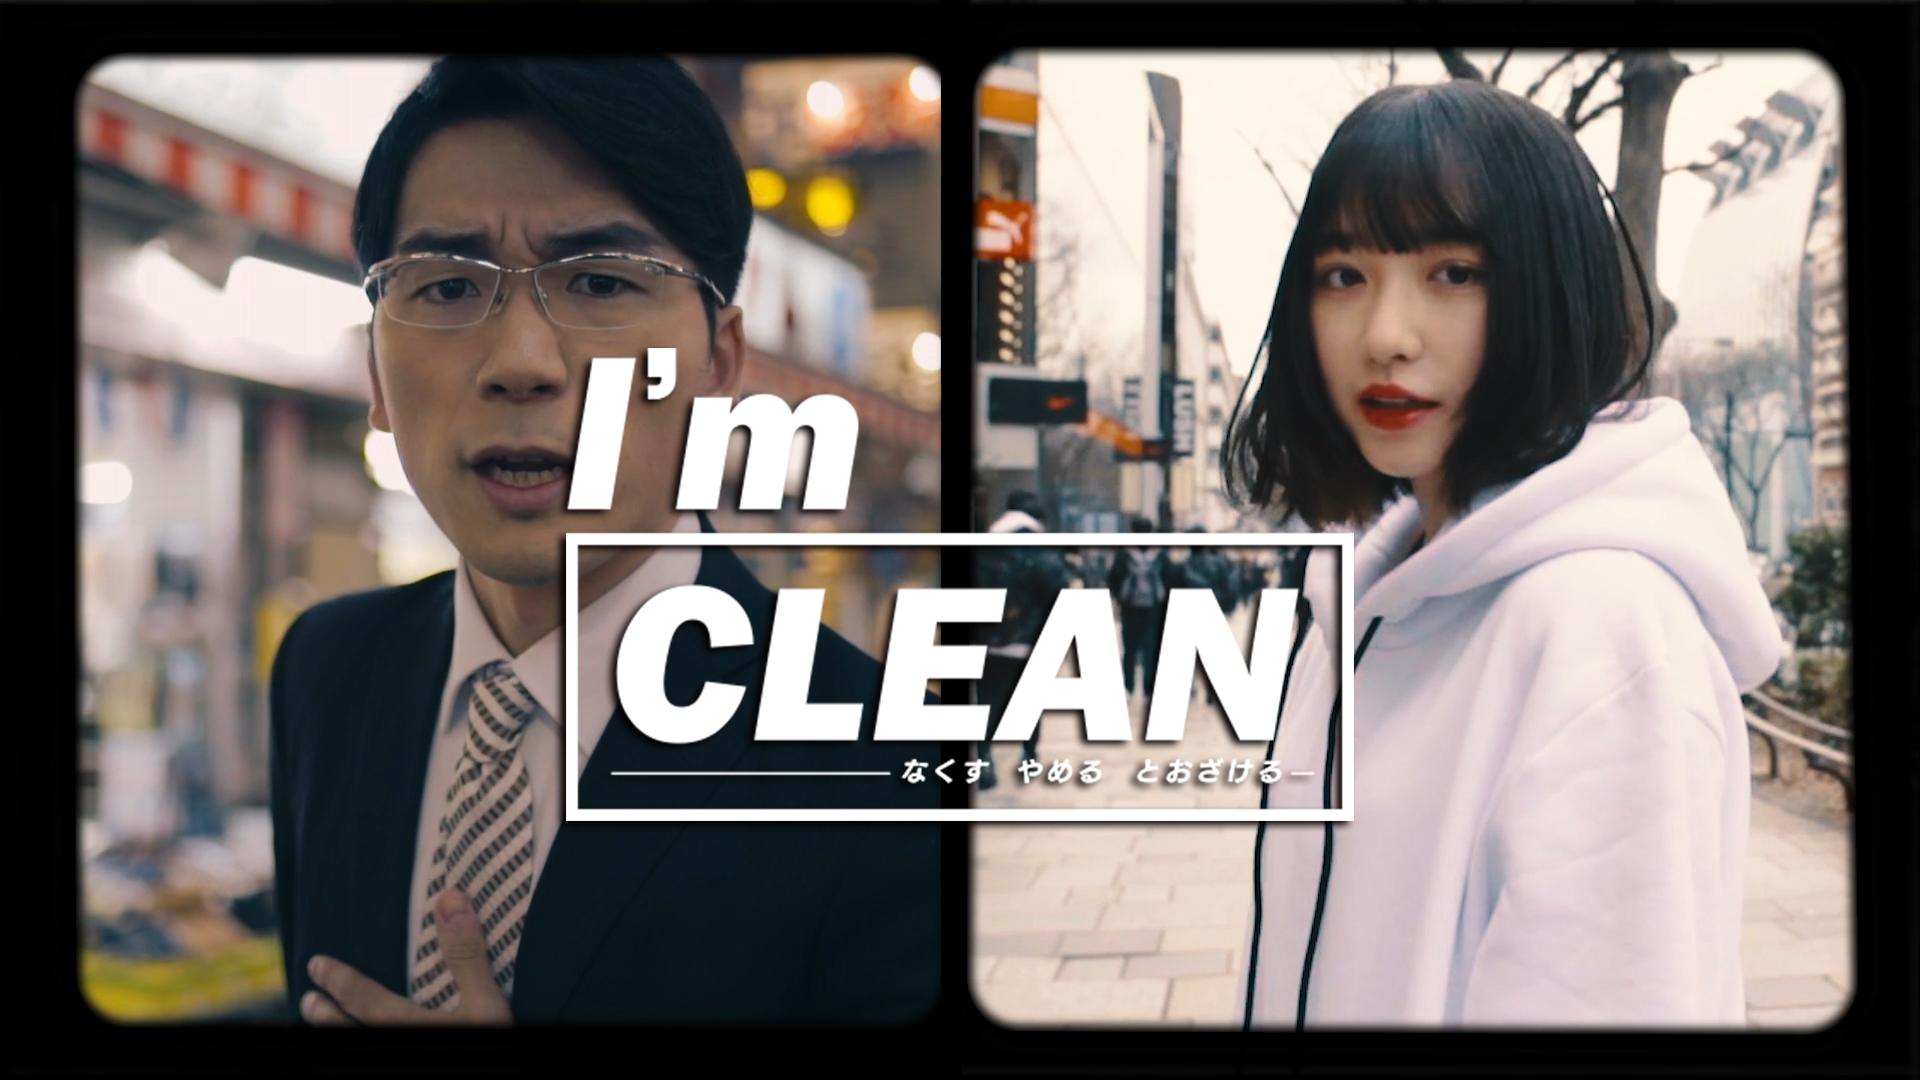 【警察庁】違法大麻撲滅キャンペーン「I'm CLEAN-なくす やめる とおざける-」を公開しました。